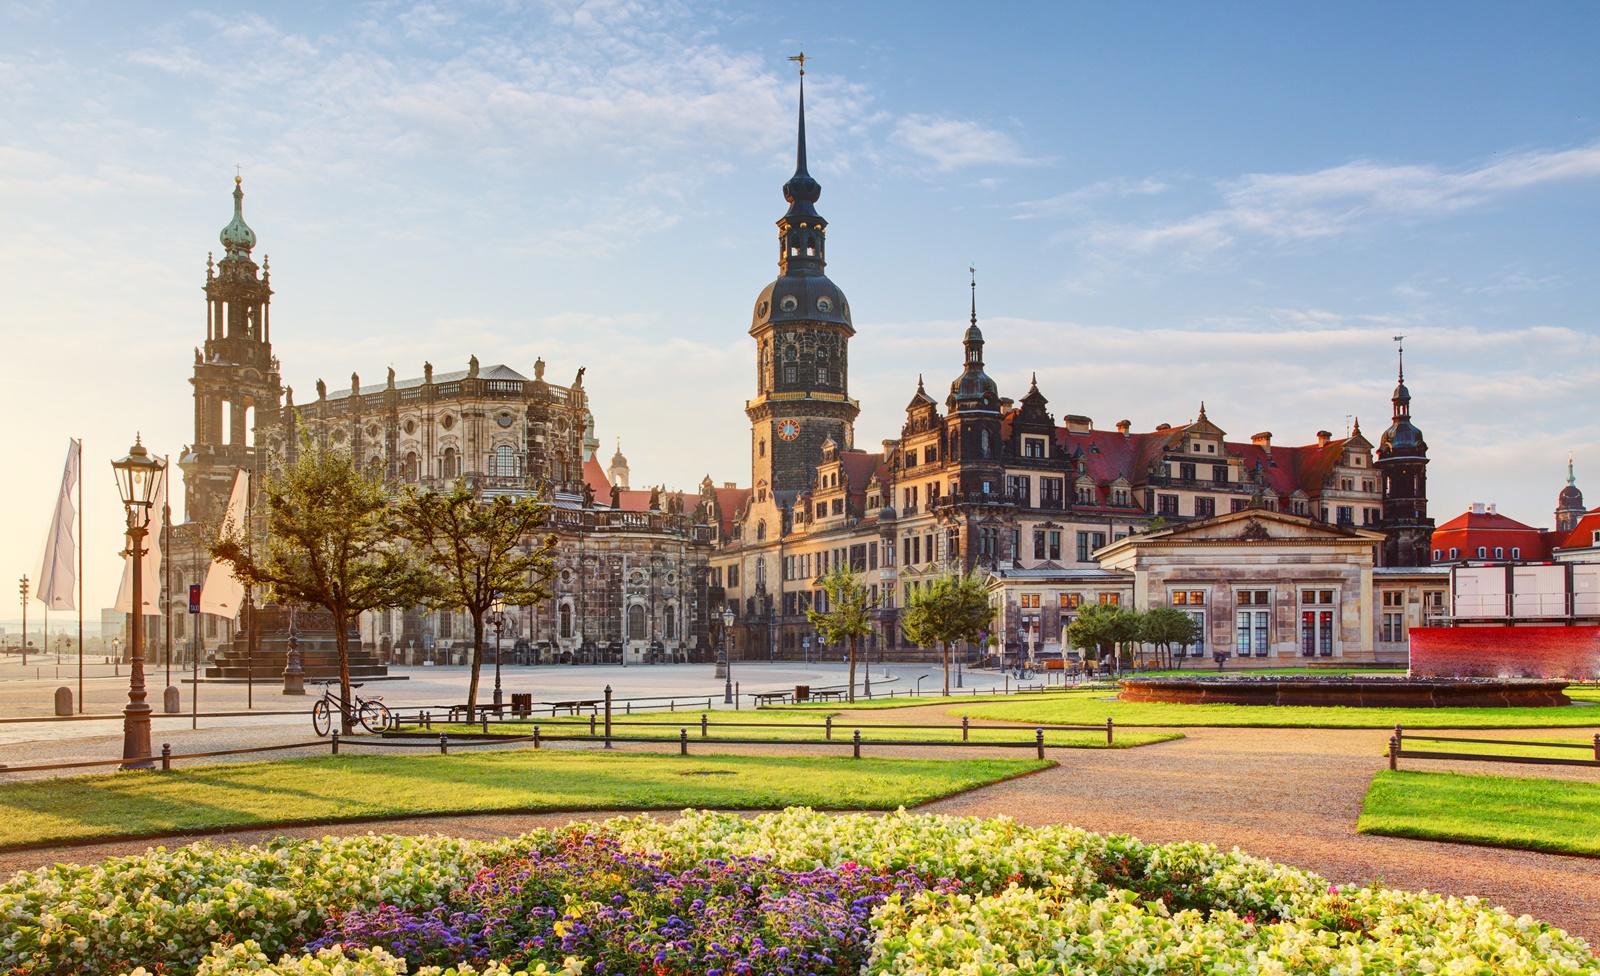 Suggerimenti su Dresda per un viaggio di fine settimana 2021